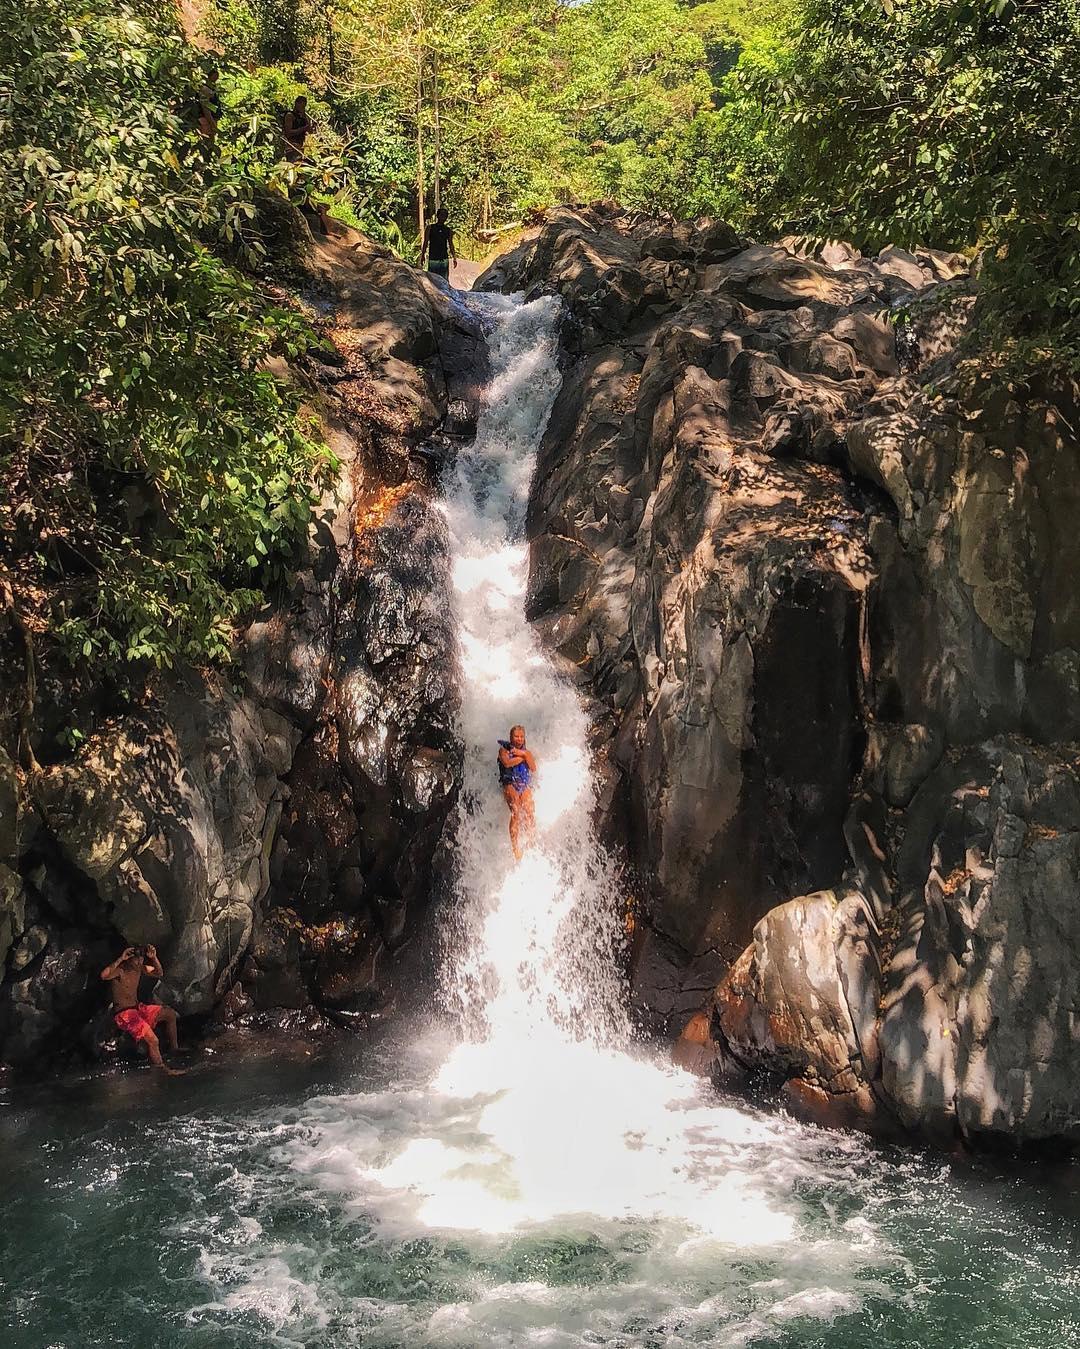 How to Go to Aling Aling Waterfall Bali Buleleng! via @ninahennig_